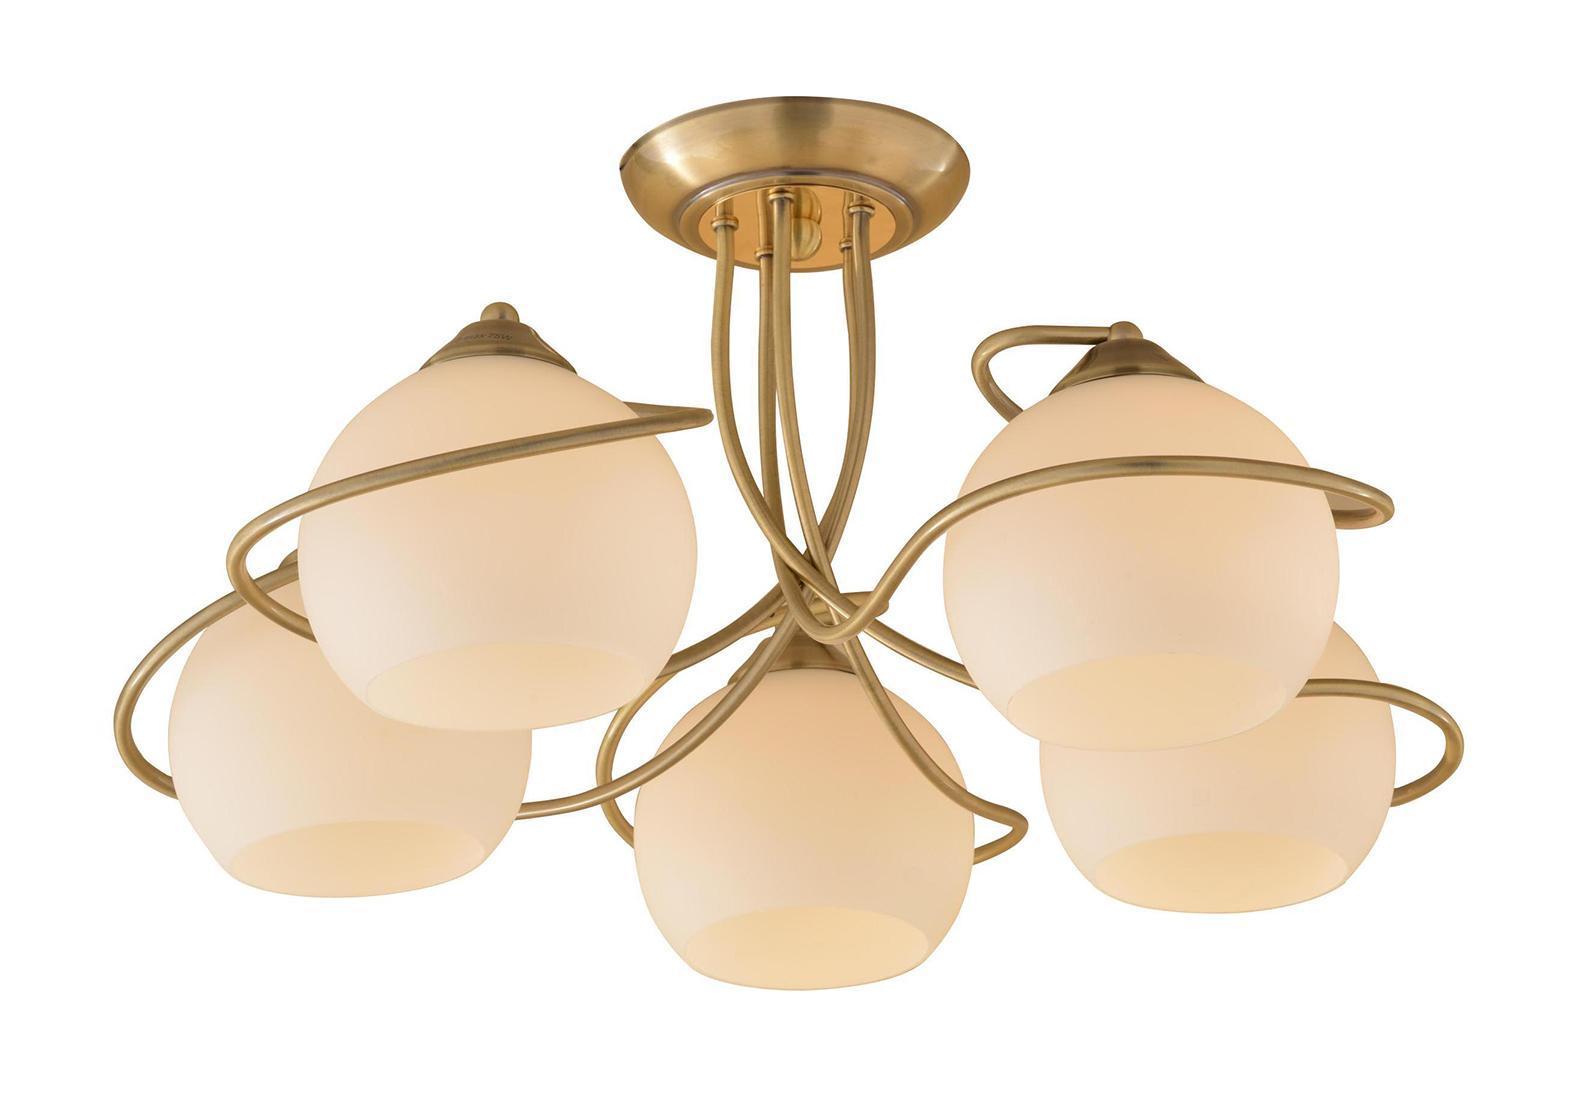 Люстра CitiluxЛюстры<br>Назначение светильника: для гостиной,<br>Стиль светильника: модерн,<br>Тип: подвесная,<br>Материал светильника: металл, стекло,<br>Материал плафона: стекло,<br>Материал арматуры: металл,<br>Диаметр: 610,<br>Высота: 290,<br>Количество ламп: 5,<br>Тип лампы: накаливания,<br>Мощность: 100,<br>Патрон: Е27,<br>Цвет арматуры: бронза<br>